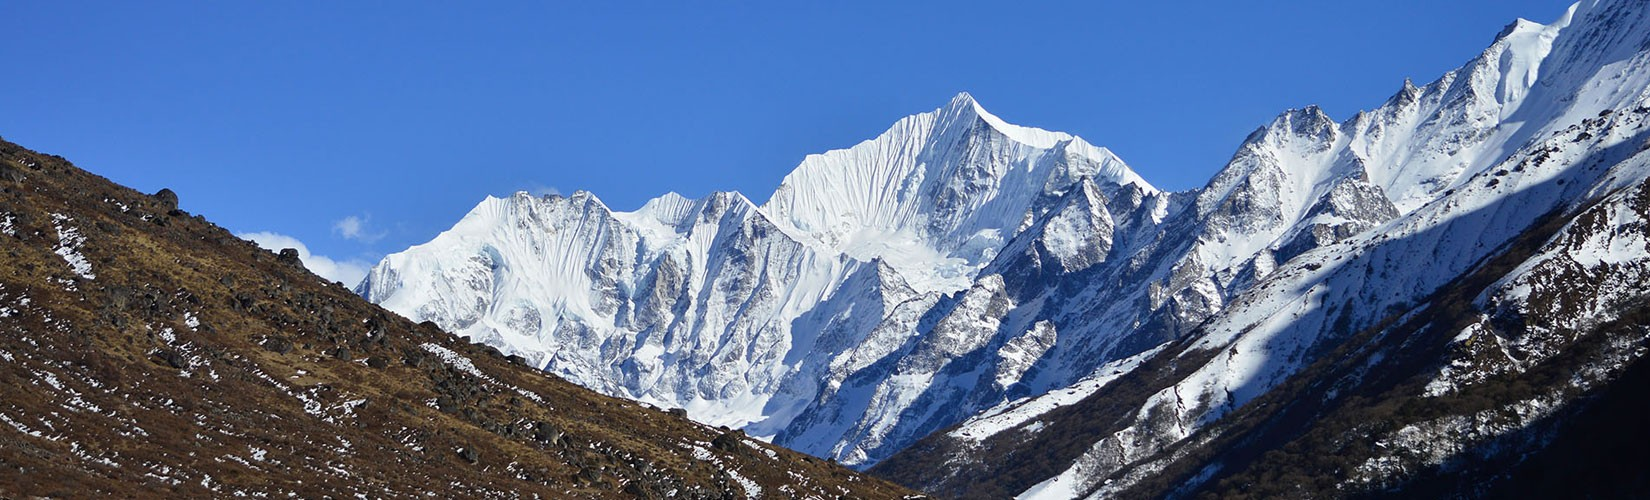 Langtang Ganjala Pass Trek